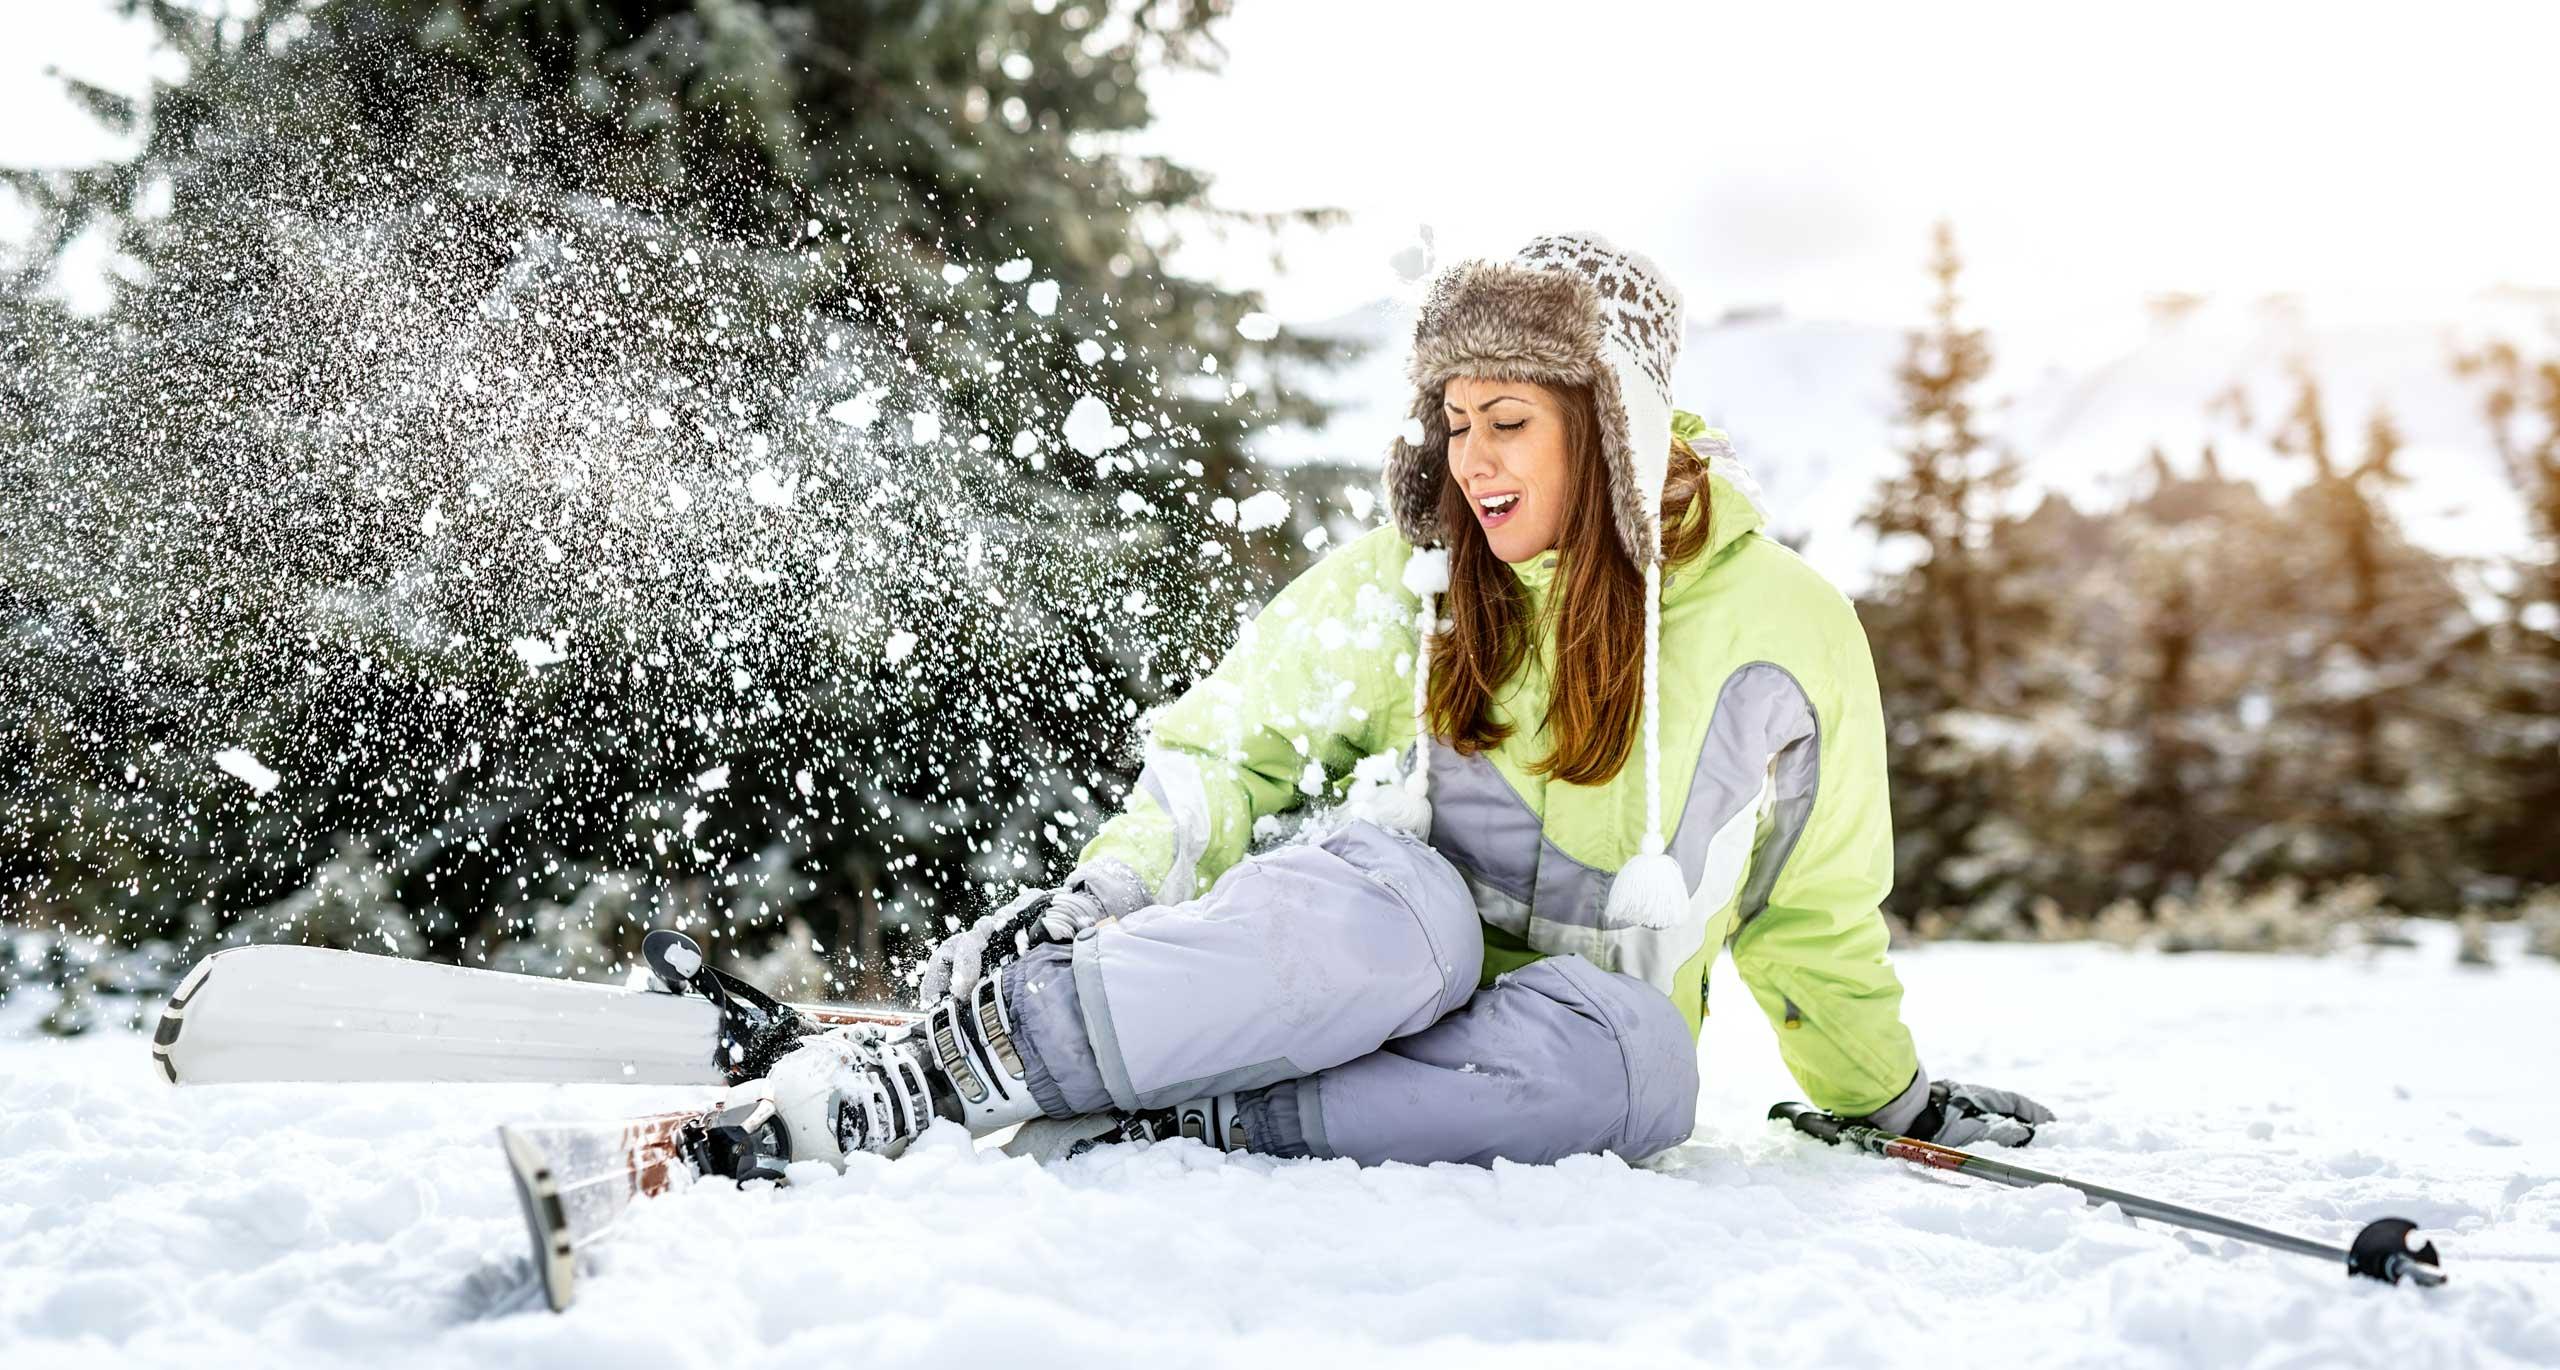 Unfallversicherung Skiunfall